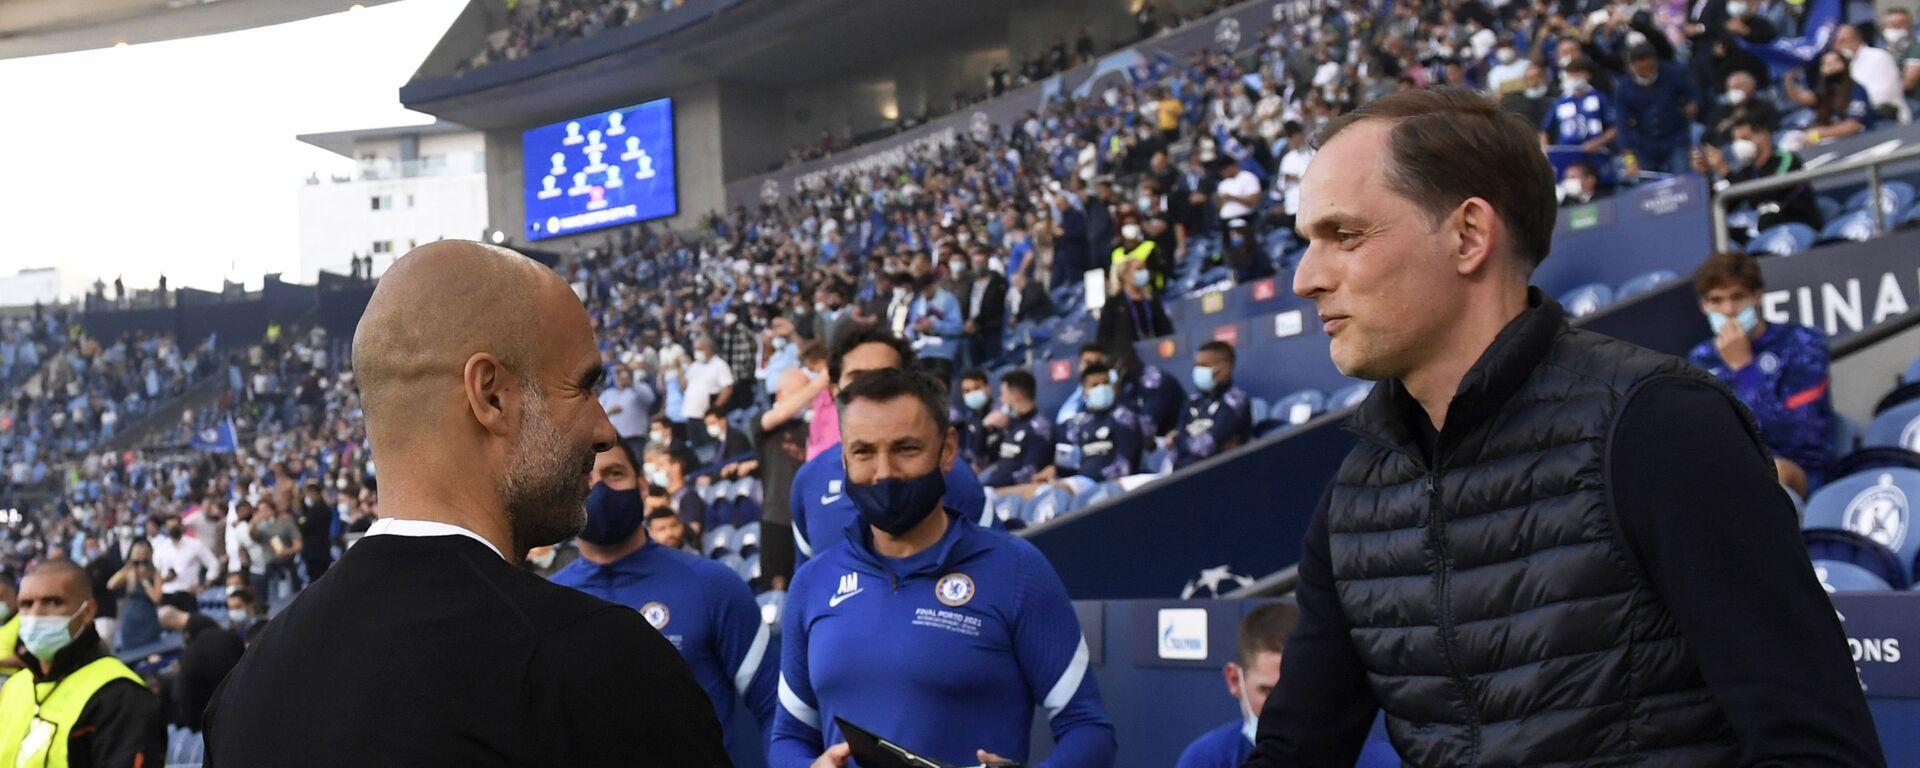 Пеп Гвардиола, менаџер Манчестер ситија, и Томас Тухел, менаџер Челсија, пред почетак финала Лиге шампиона - Sputnik Србија, 1920, 25.09.2021